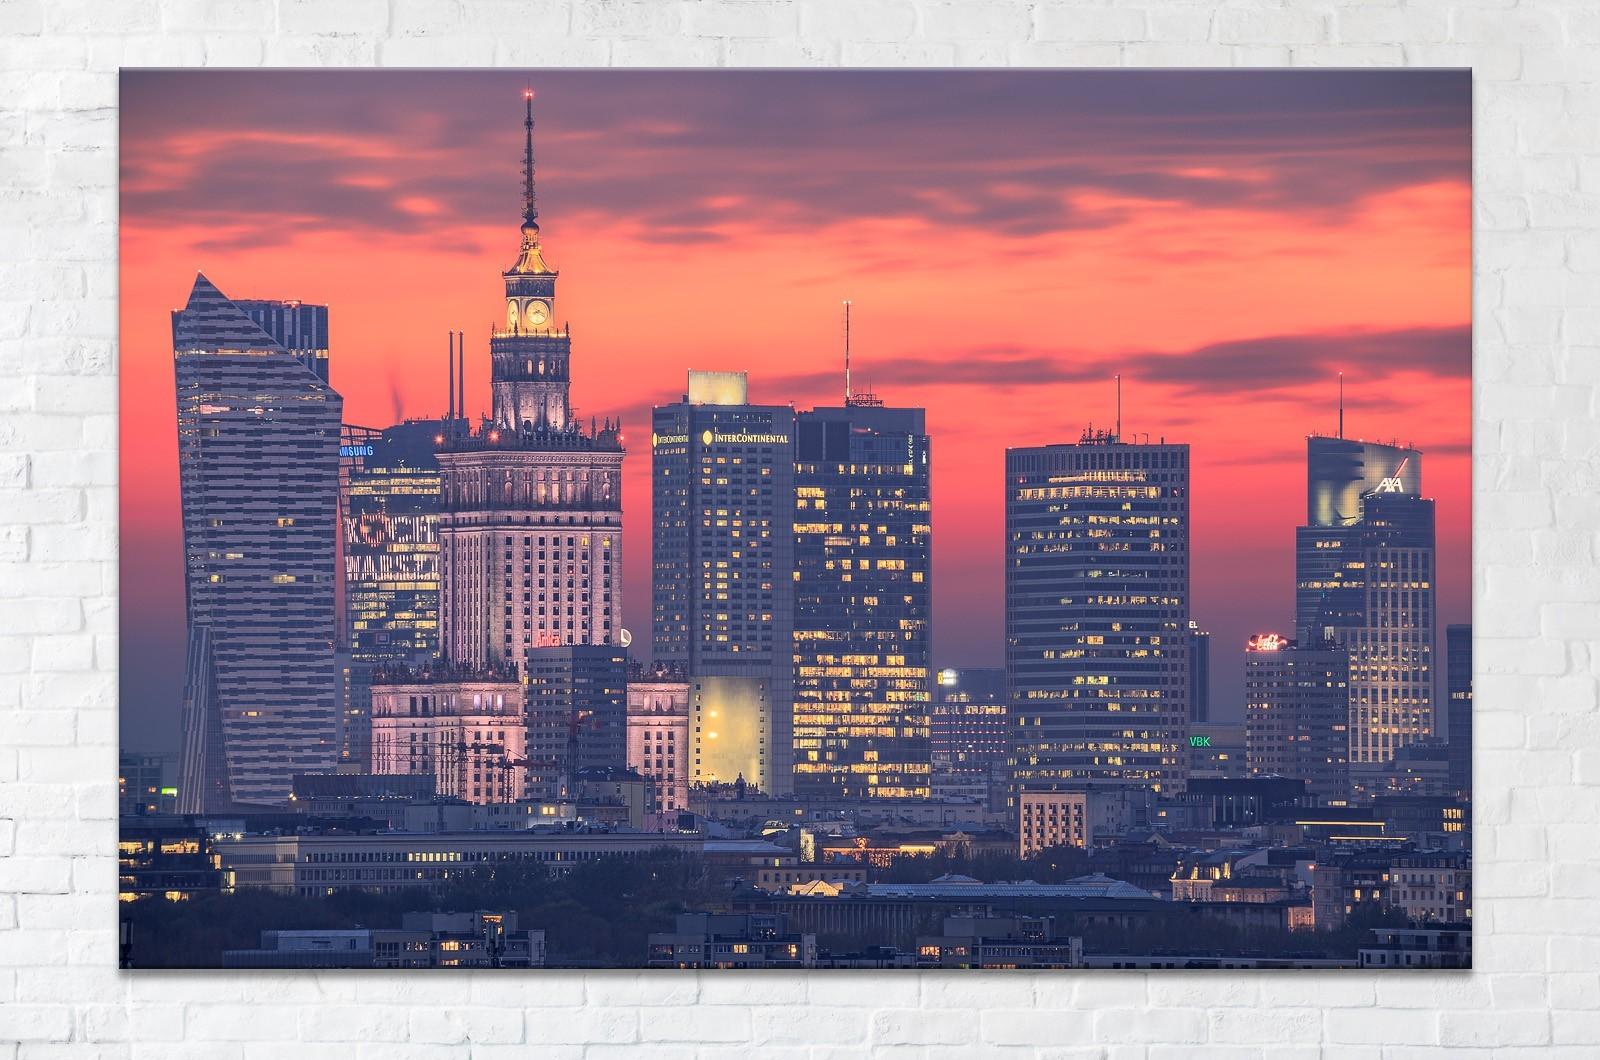 Podświetlone Centrum Warszawy po zachodzie słońca fotoobraz